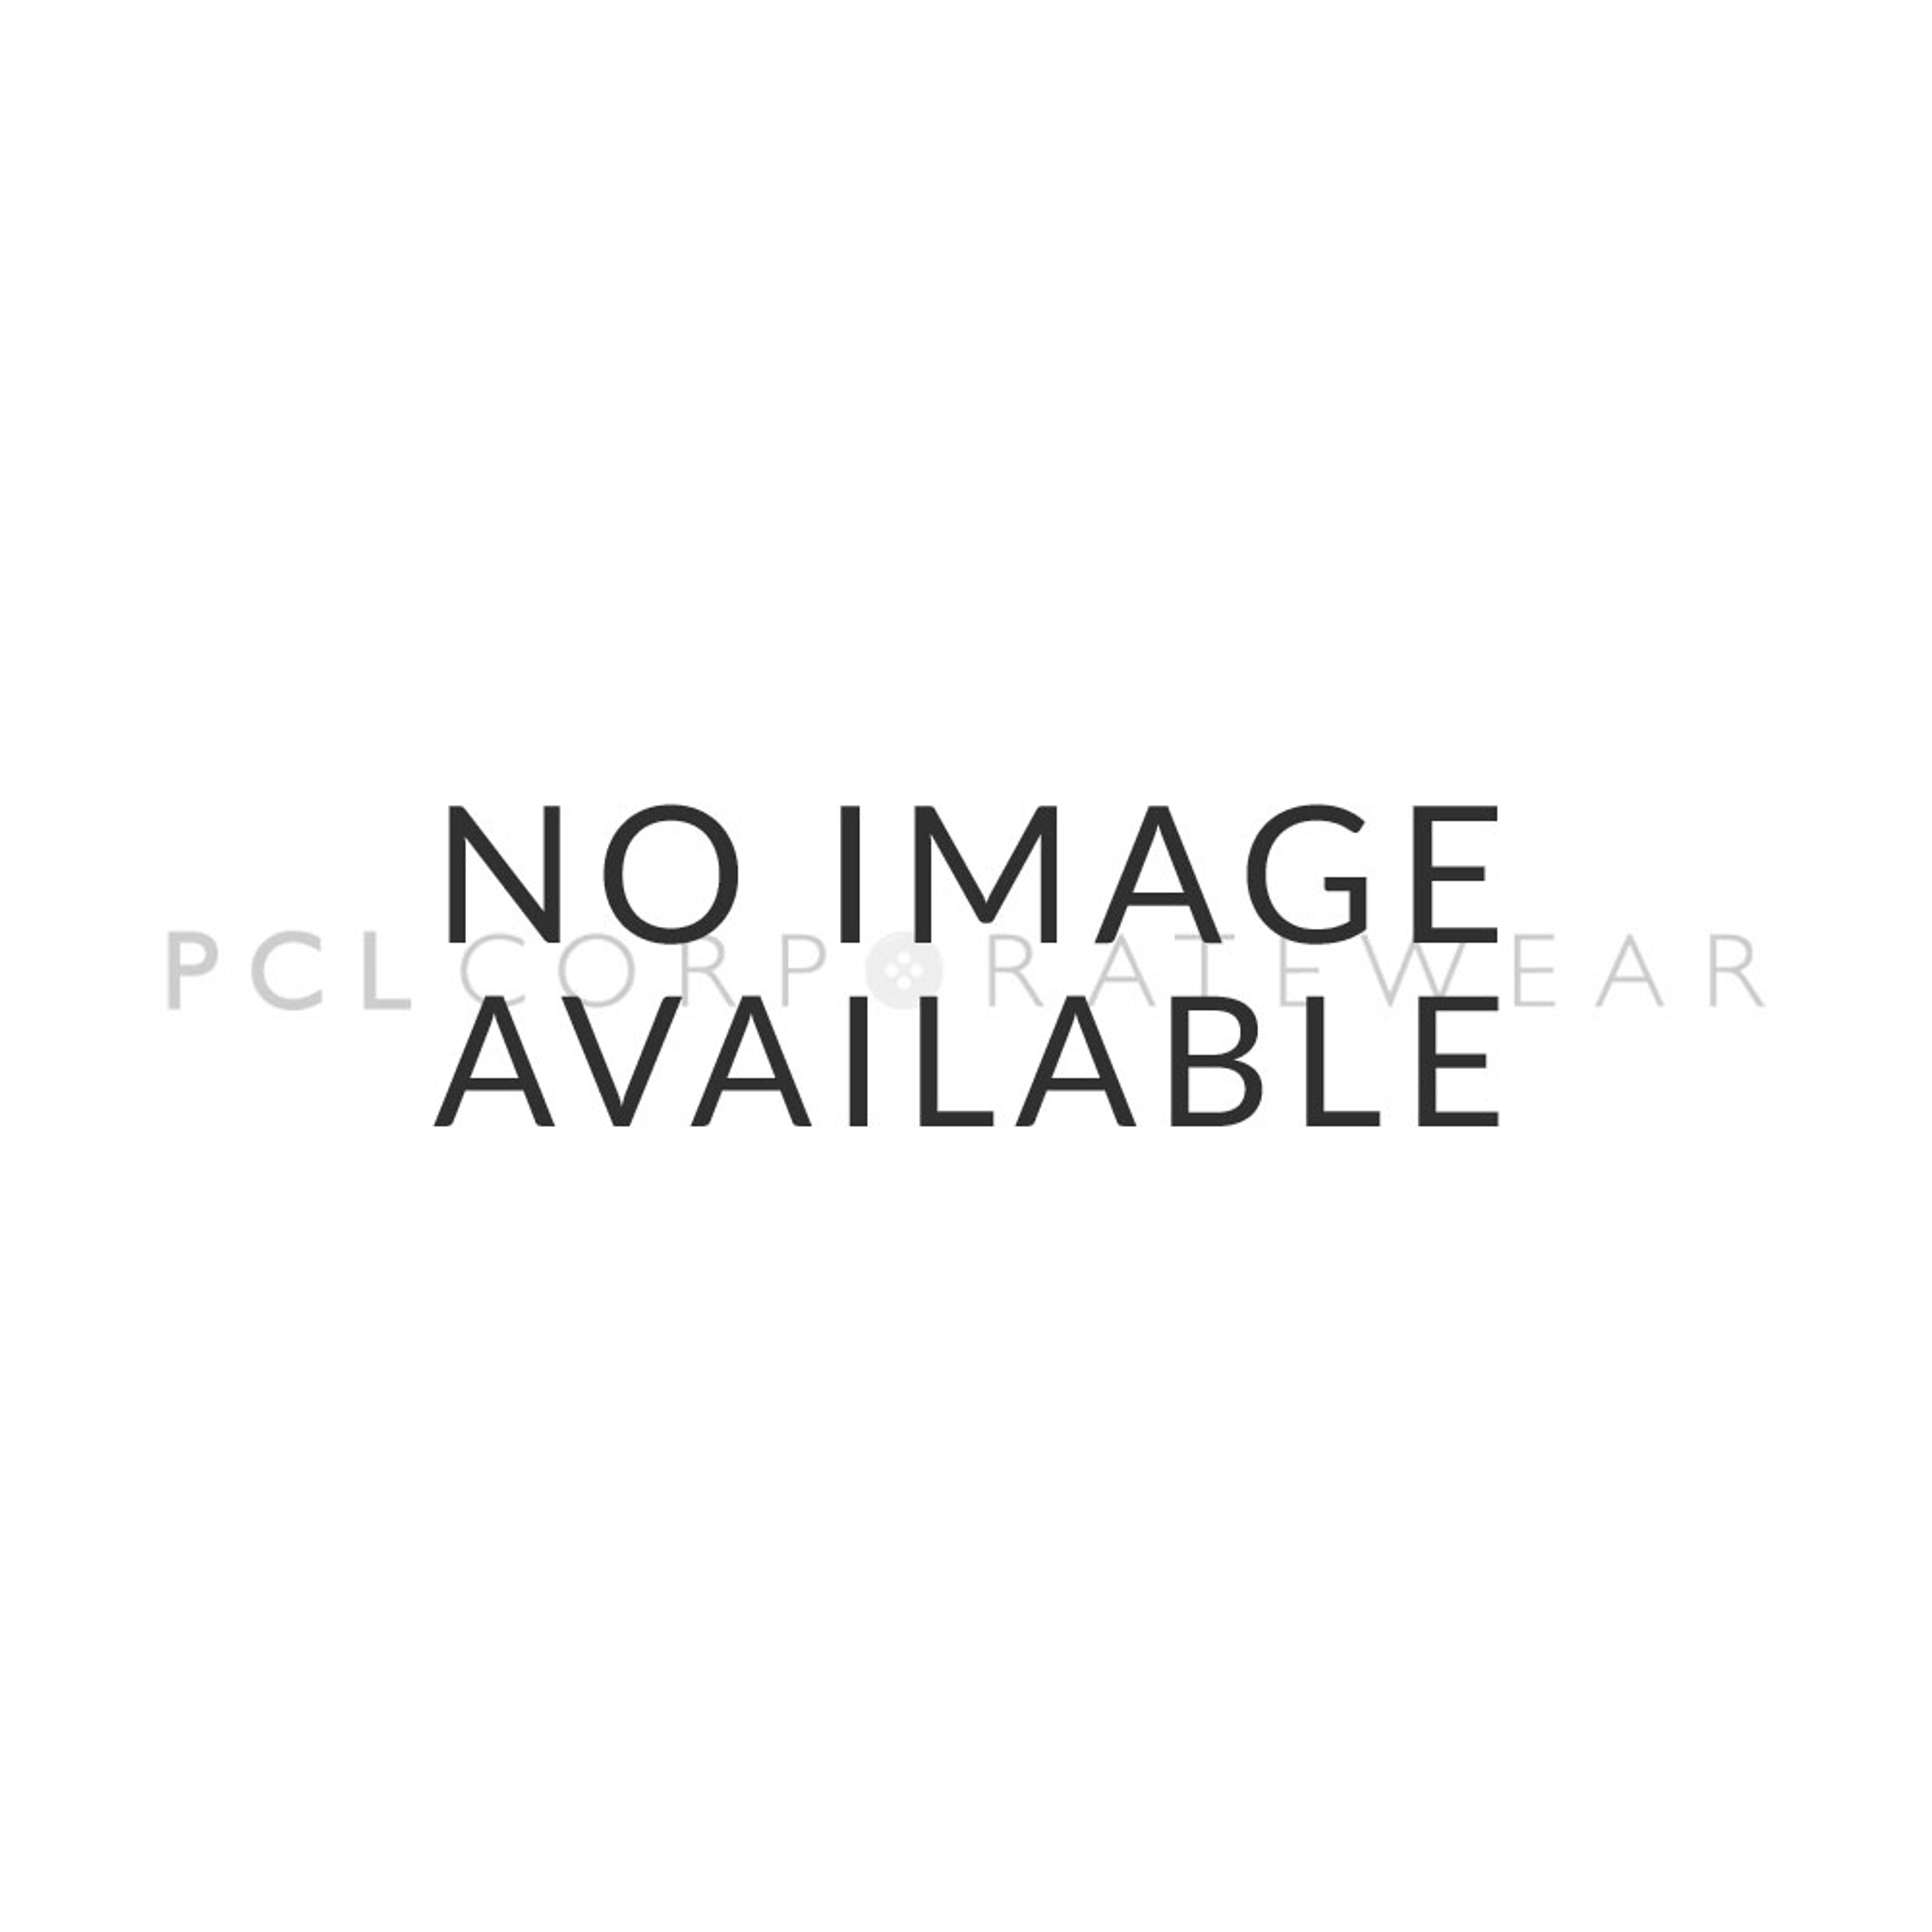 Beechfield Reversible Bucket Hat - BB686 - PCL Corporatewear Ltd 7bd94885c8